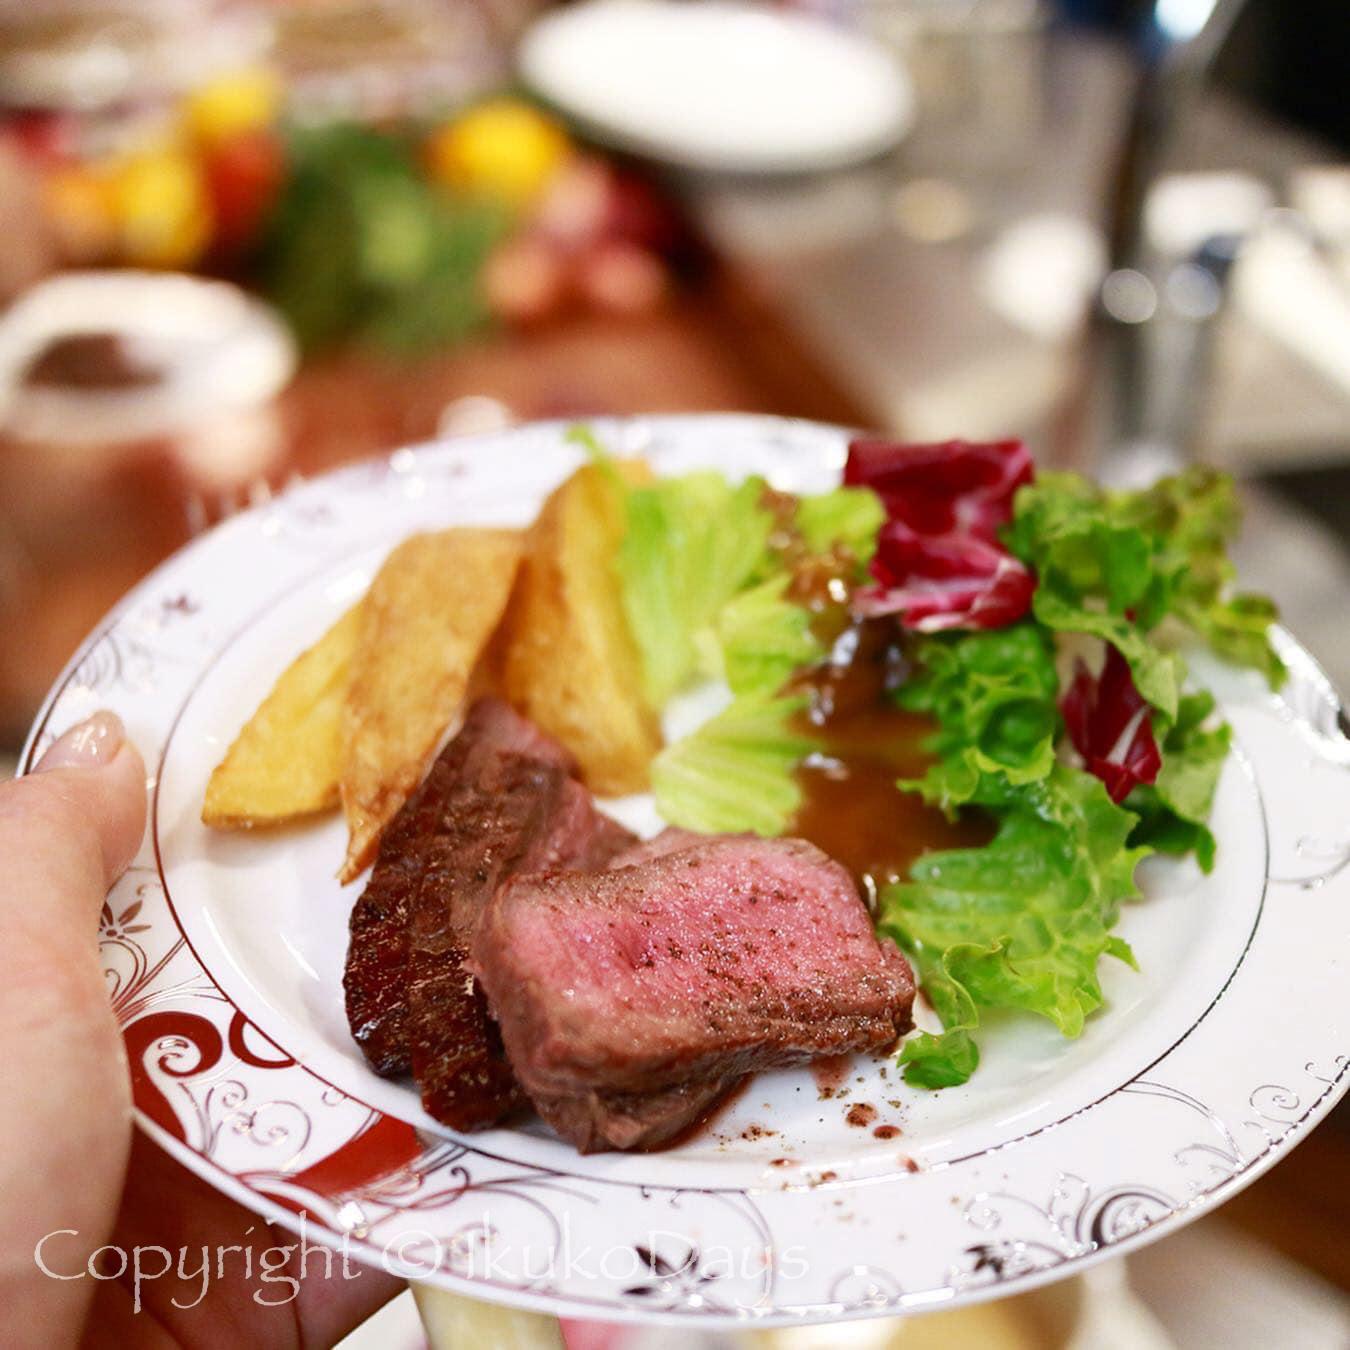 パリで連日行列必須の肉ビストロが 日本橋 にオープン:『サクレフルール 日本橋店』日本橋_d0114093_04470331.jpg